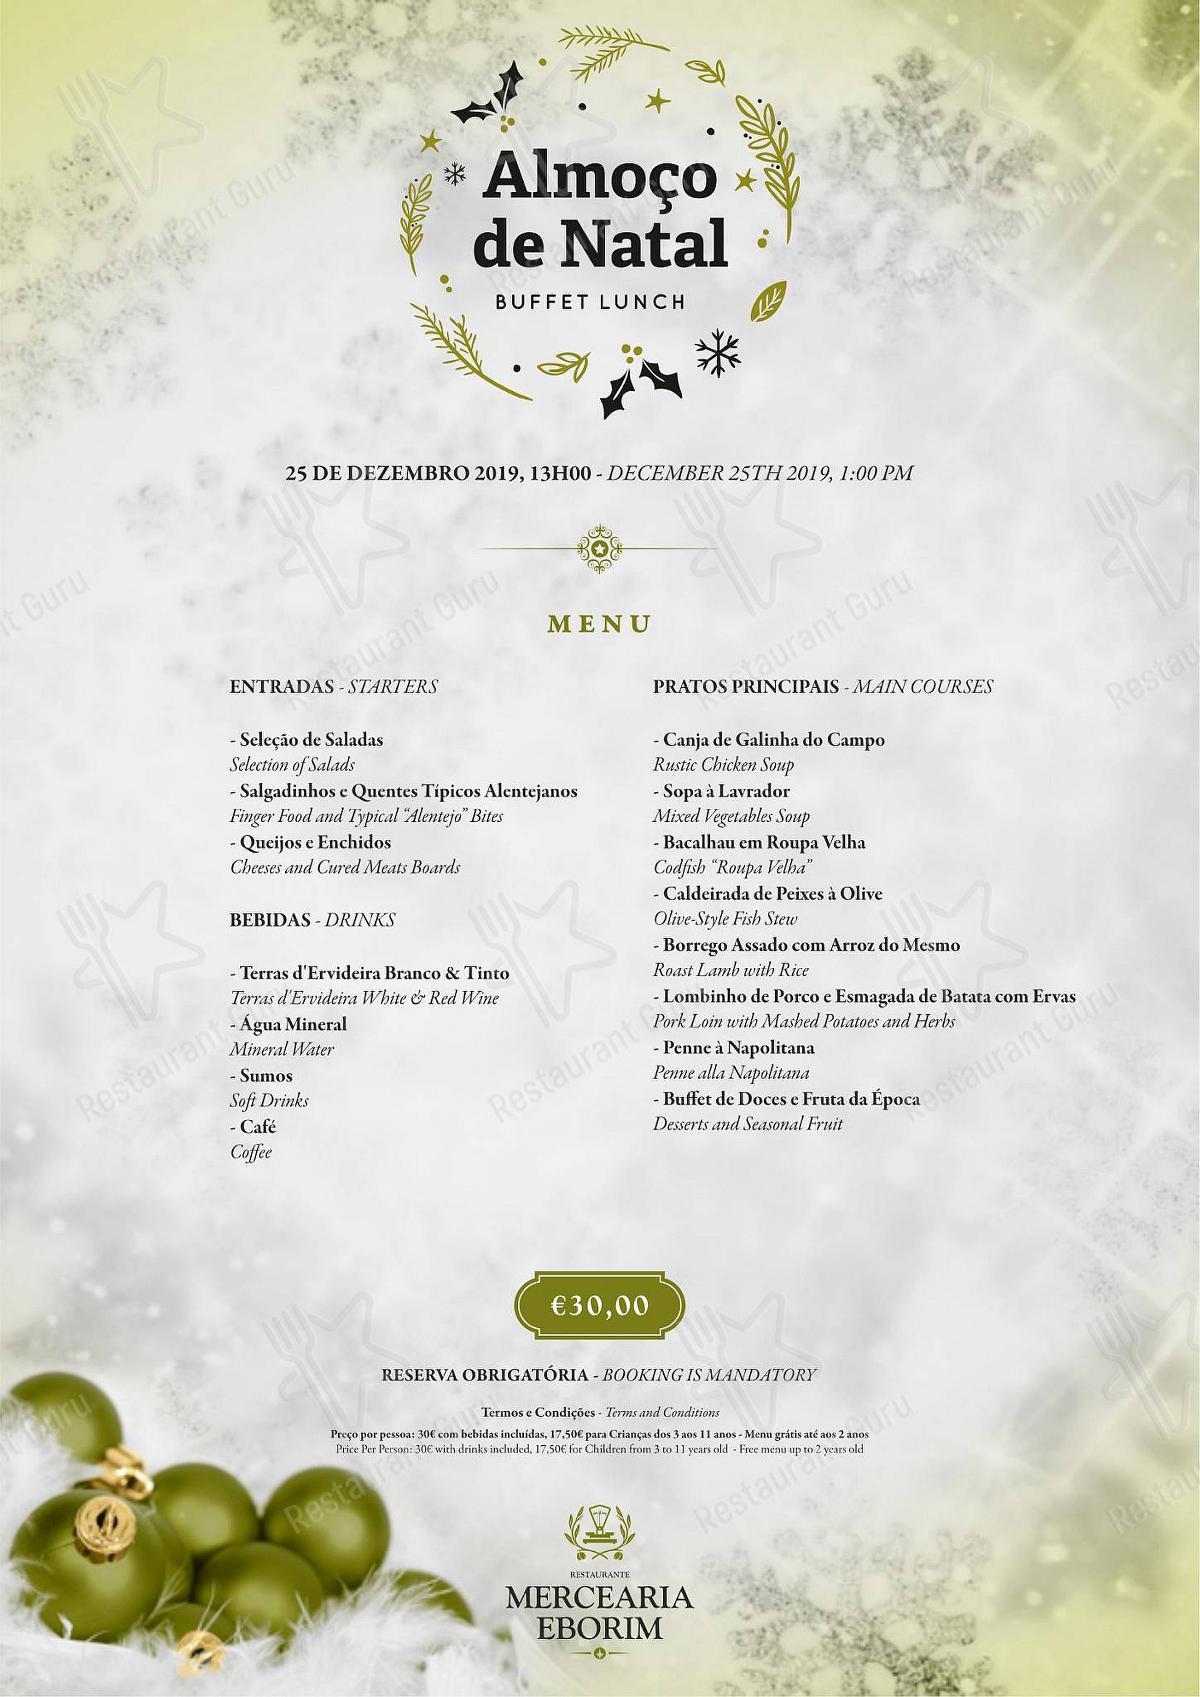 Restaurante Mercearia Eborim menu - pratos e drinques